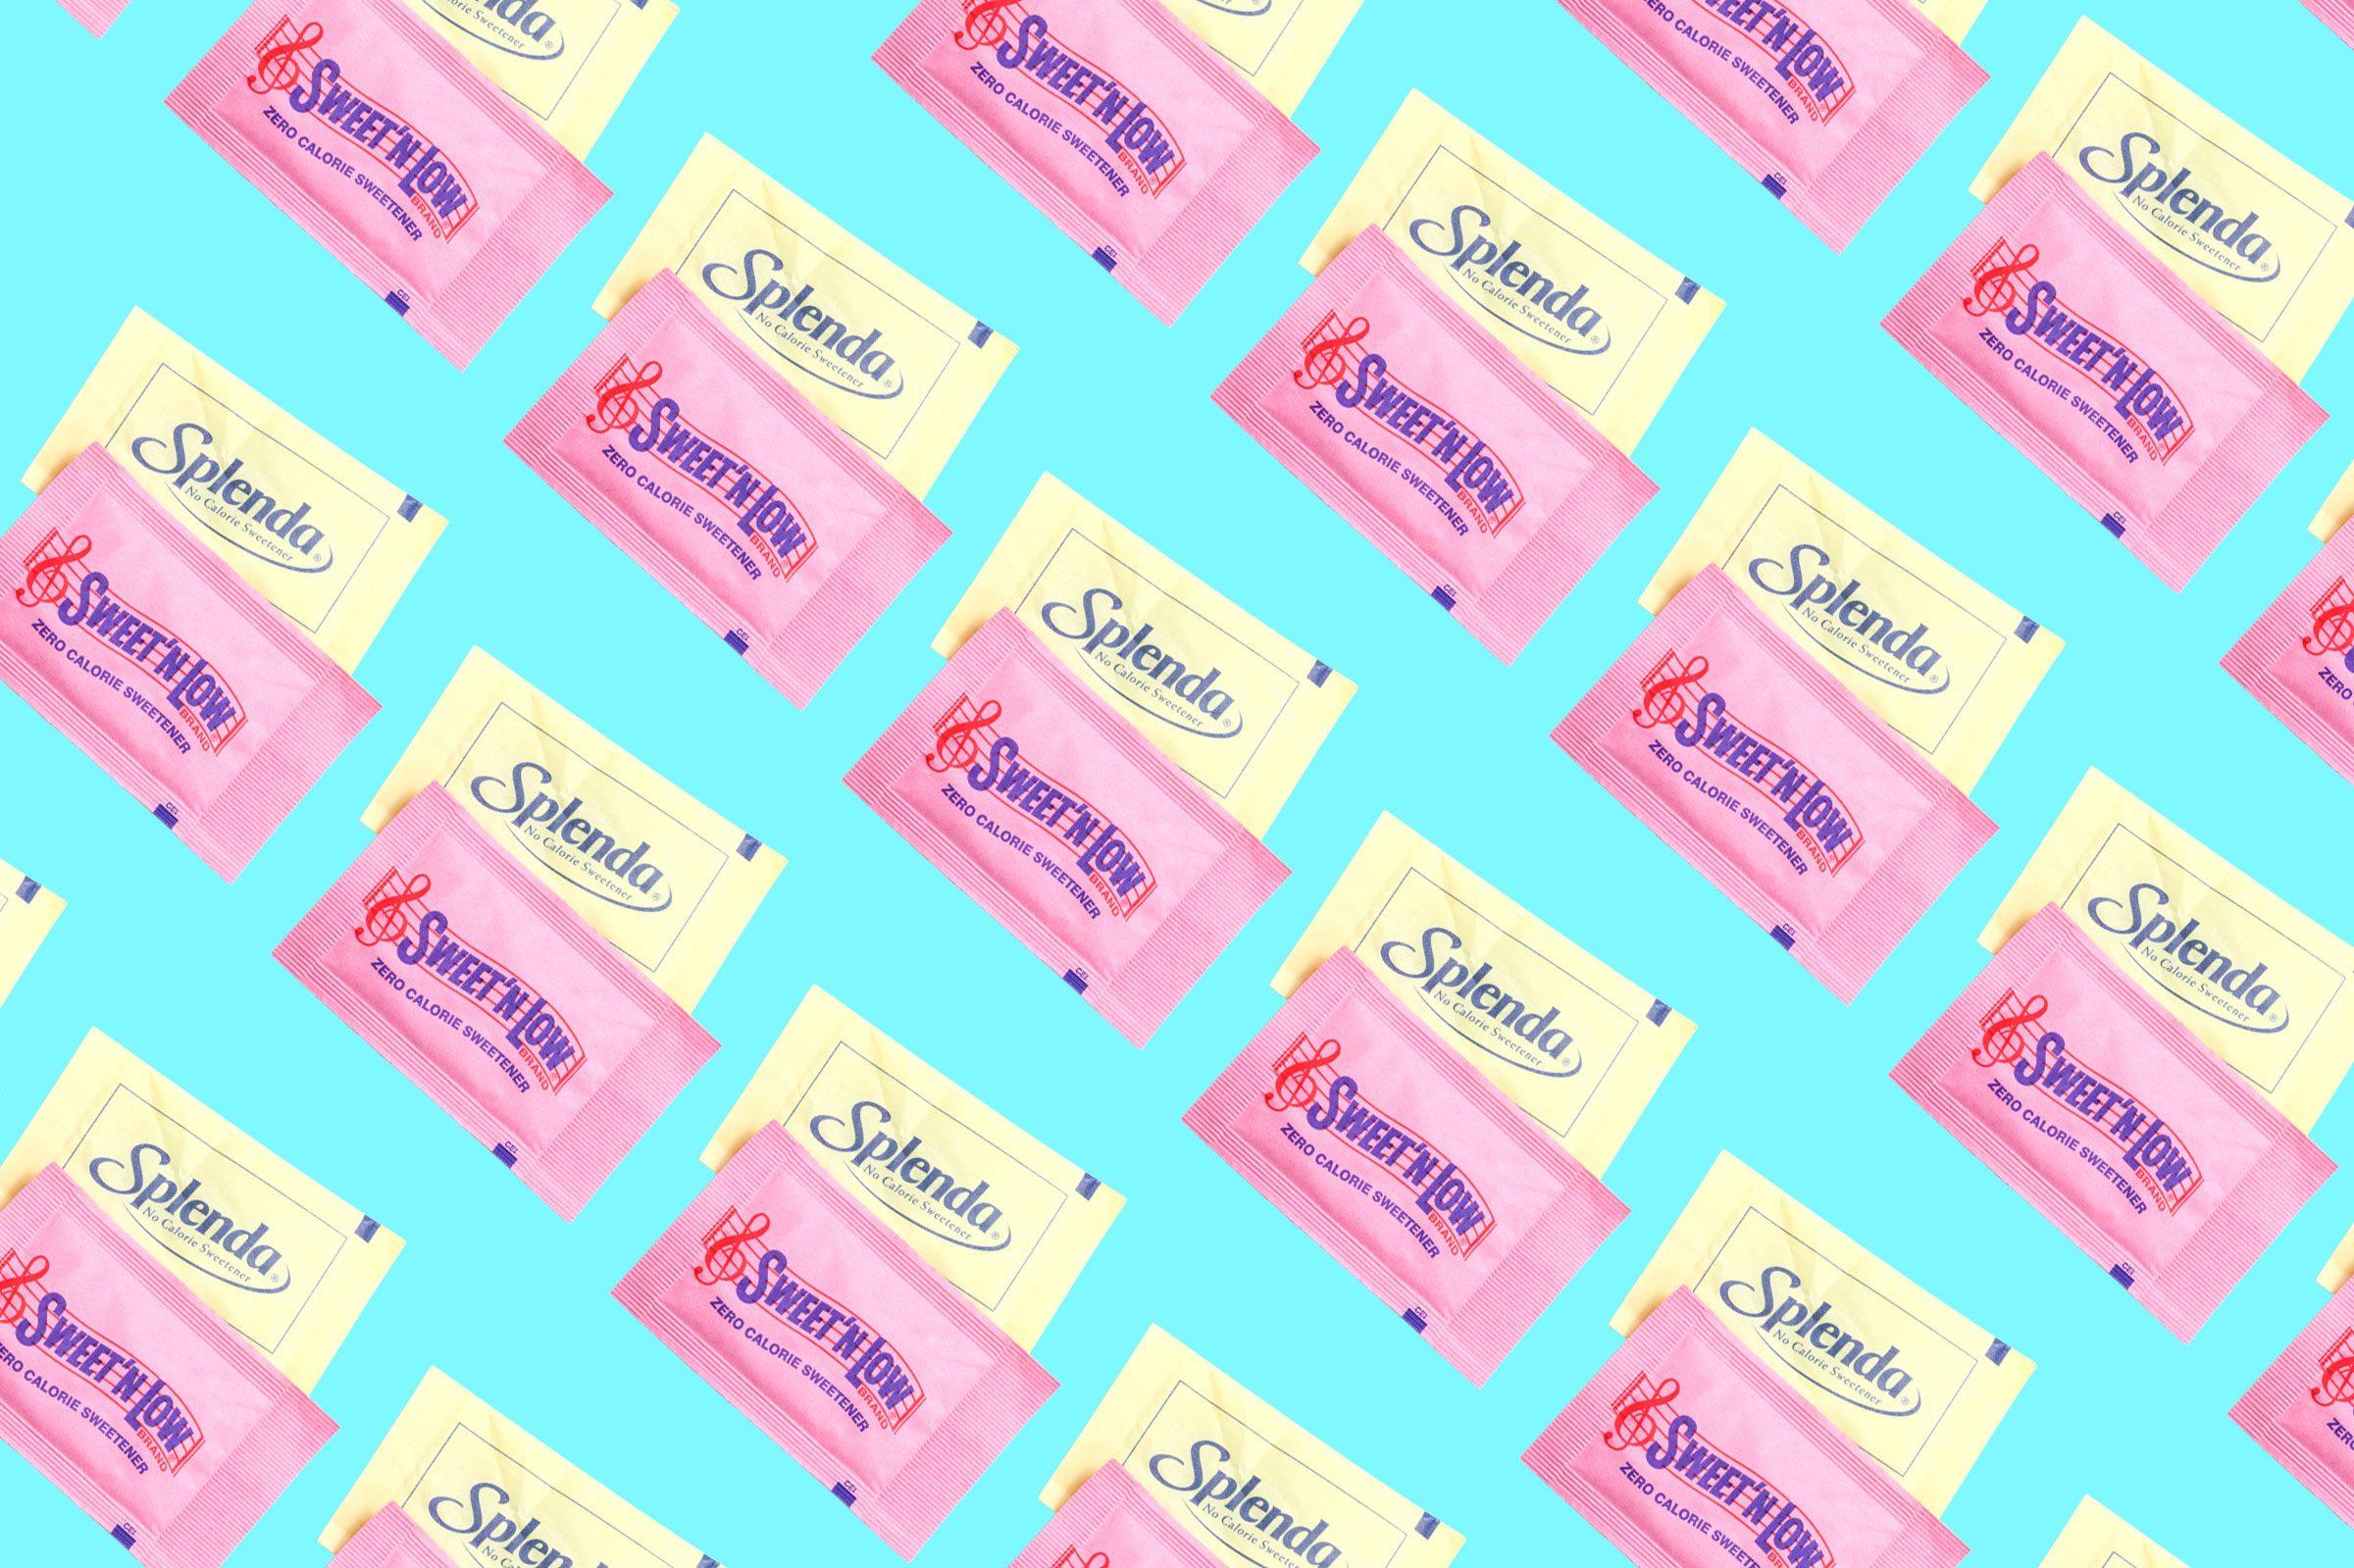 1. Artificial sweetener